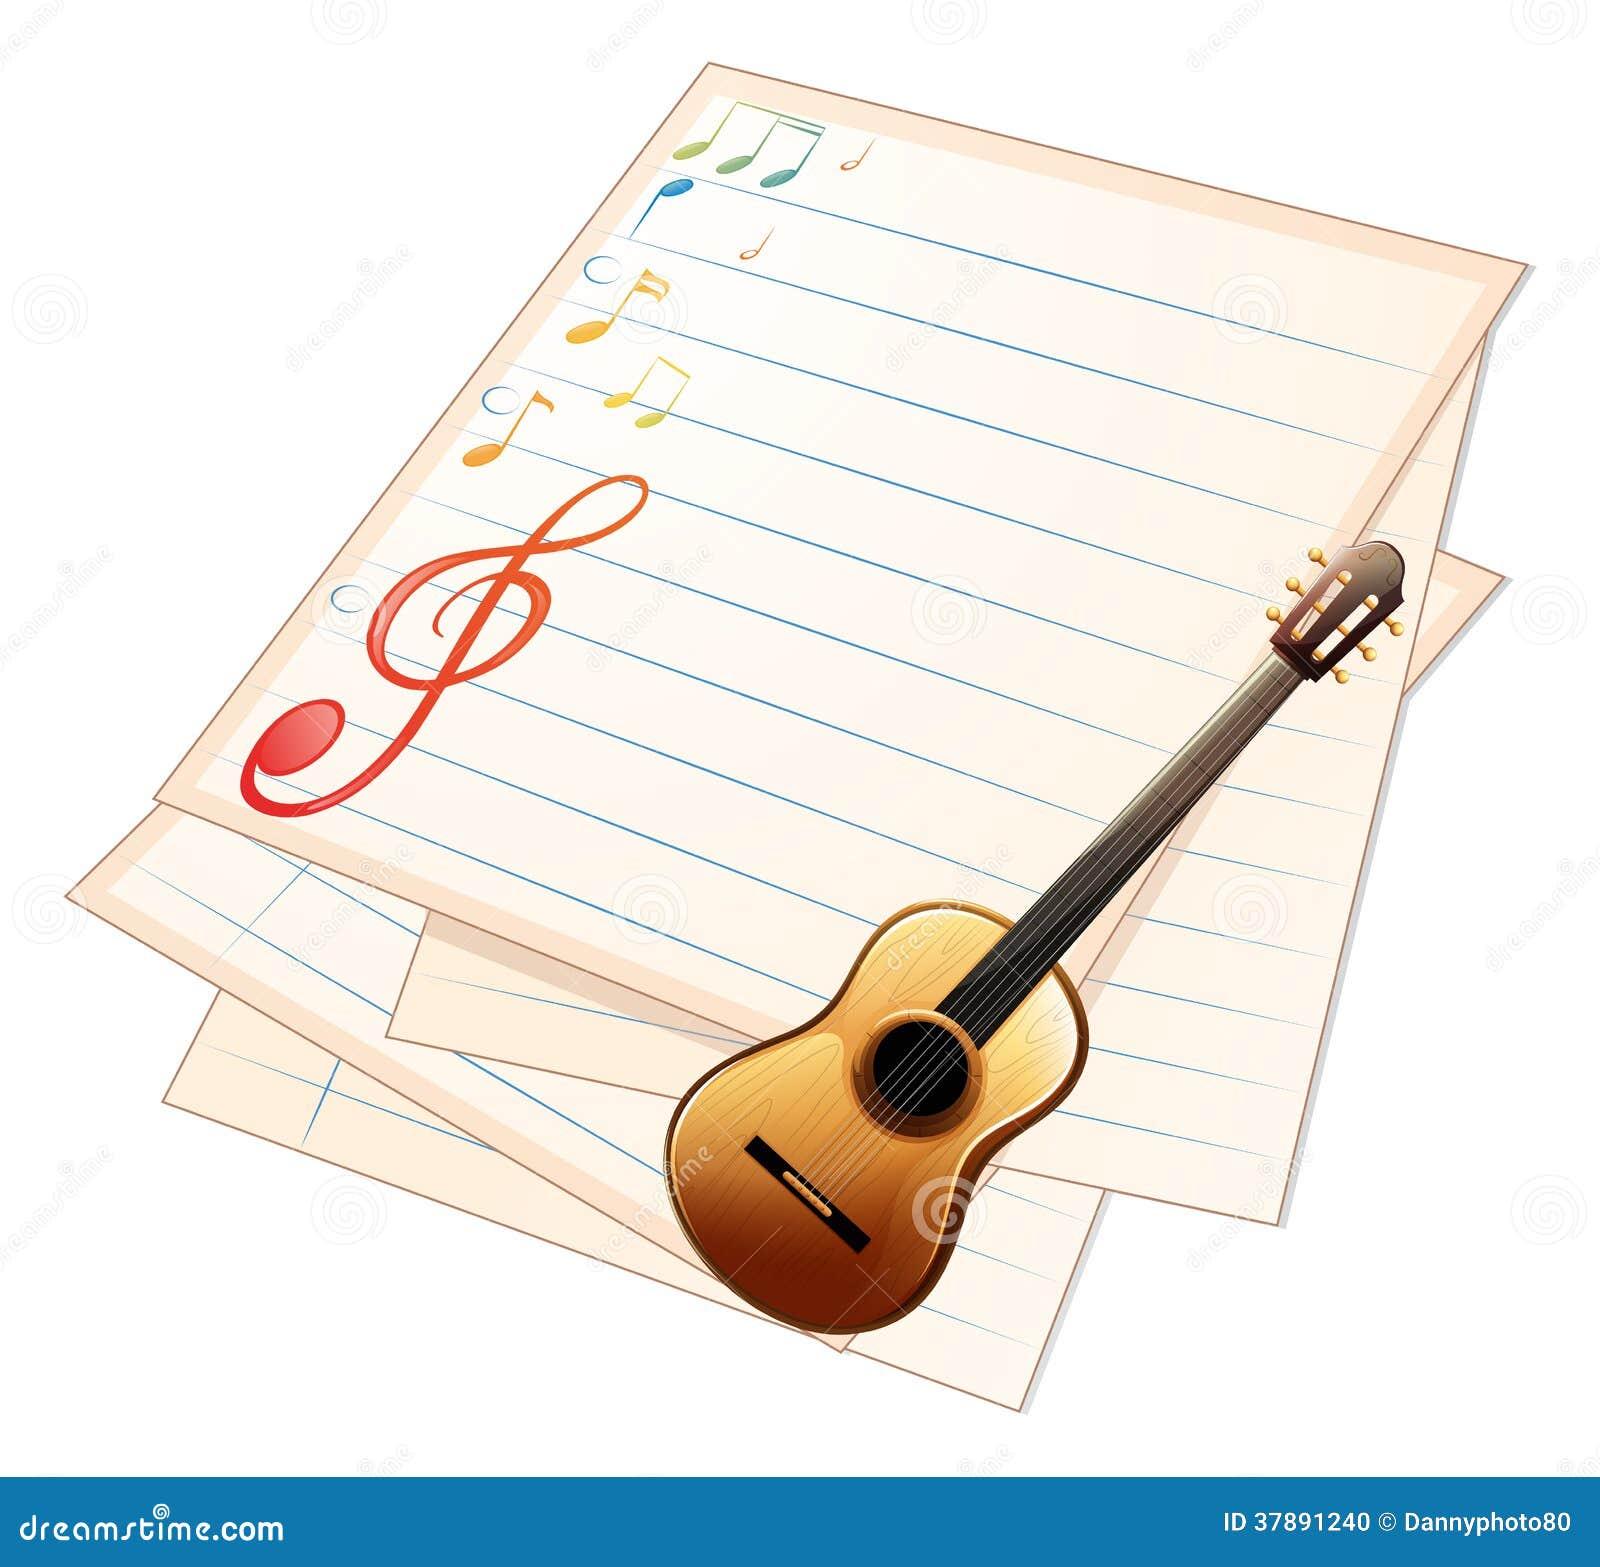 Een leeg muziekdocument met een gitaar